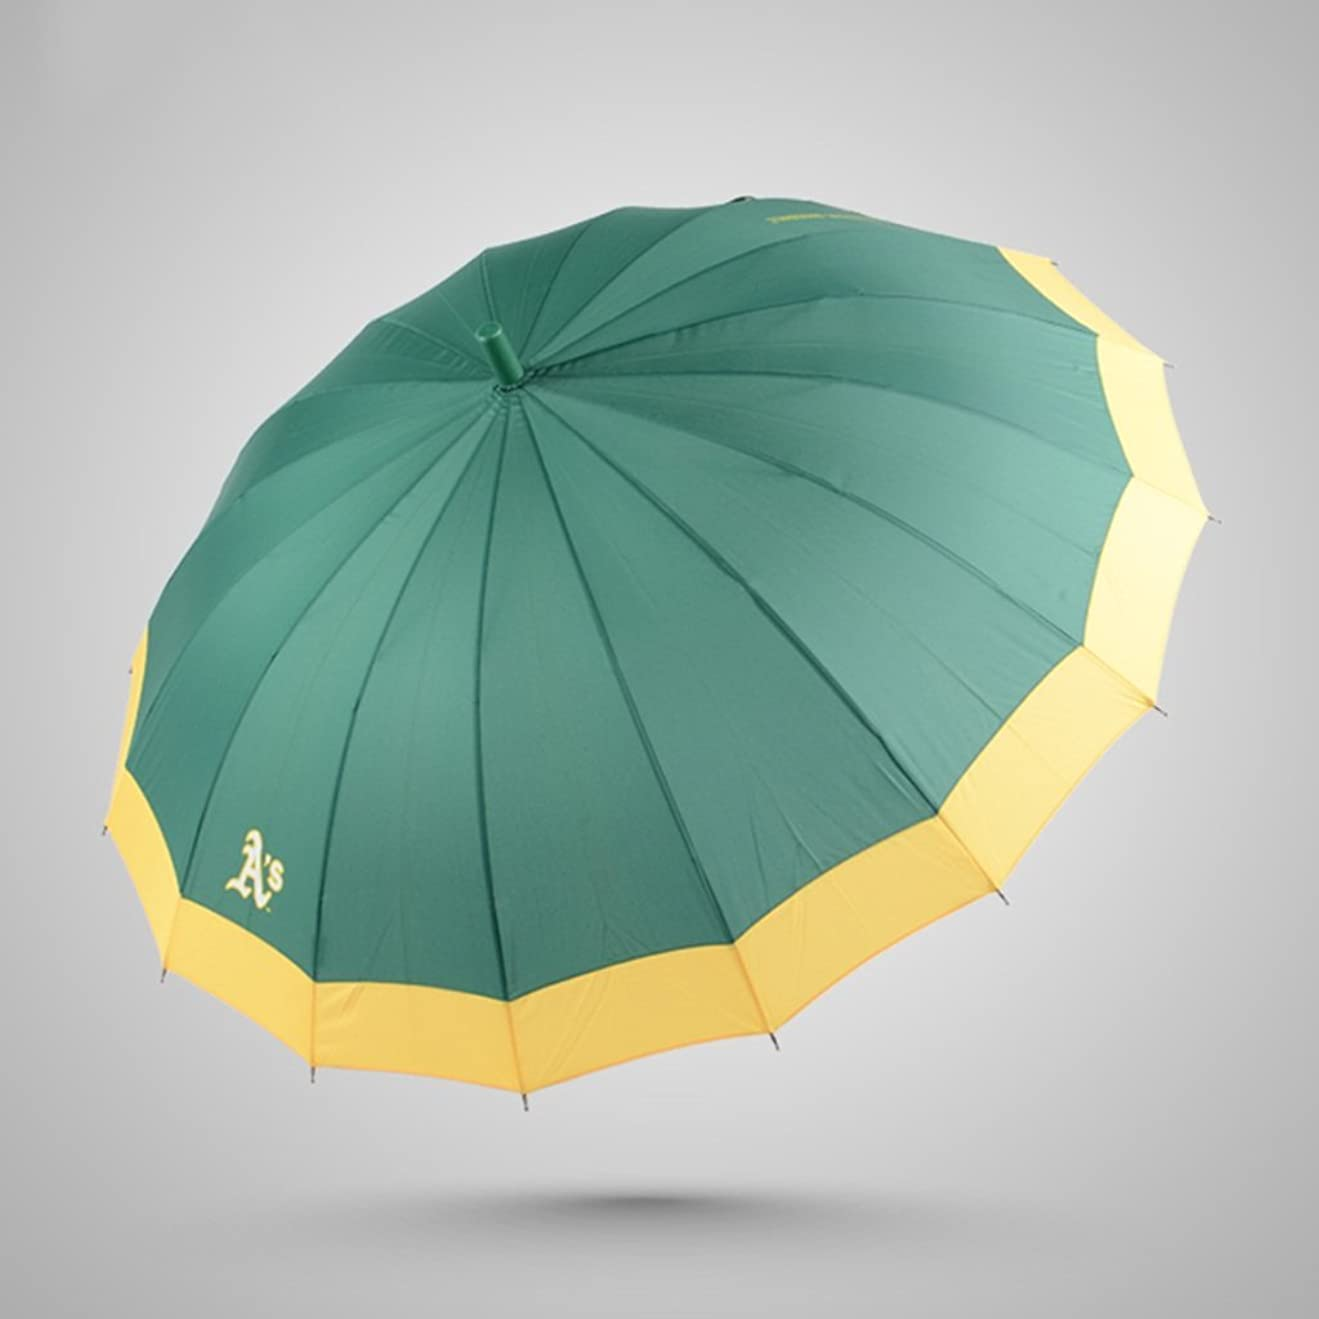 子豚複製感じ16スケルトンフラットサイド傘長いハンドル傘雨雨増加耐候性傘 ズトイビー (Color : #1)